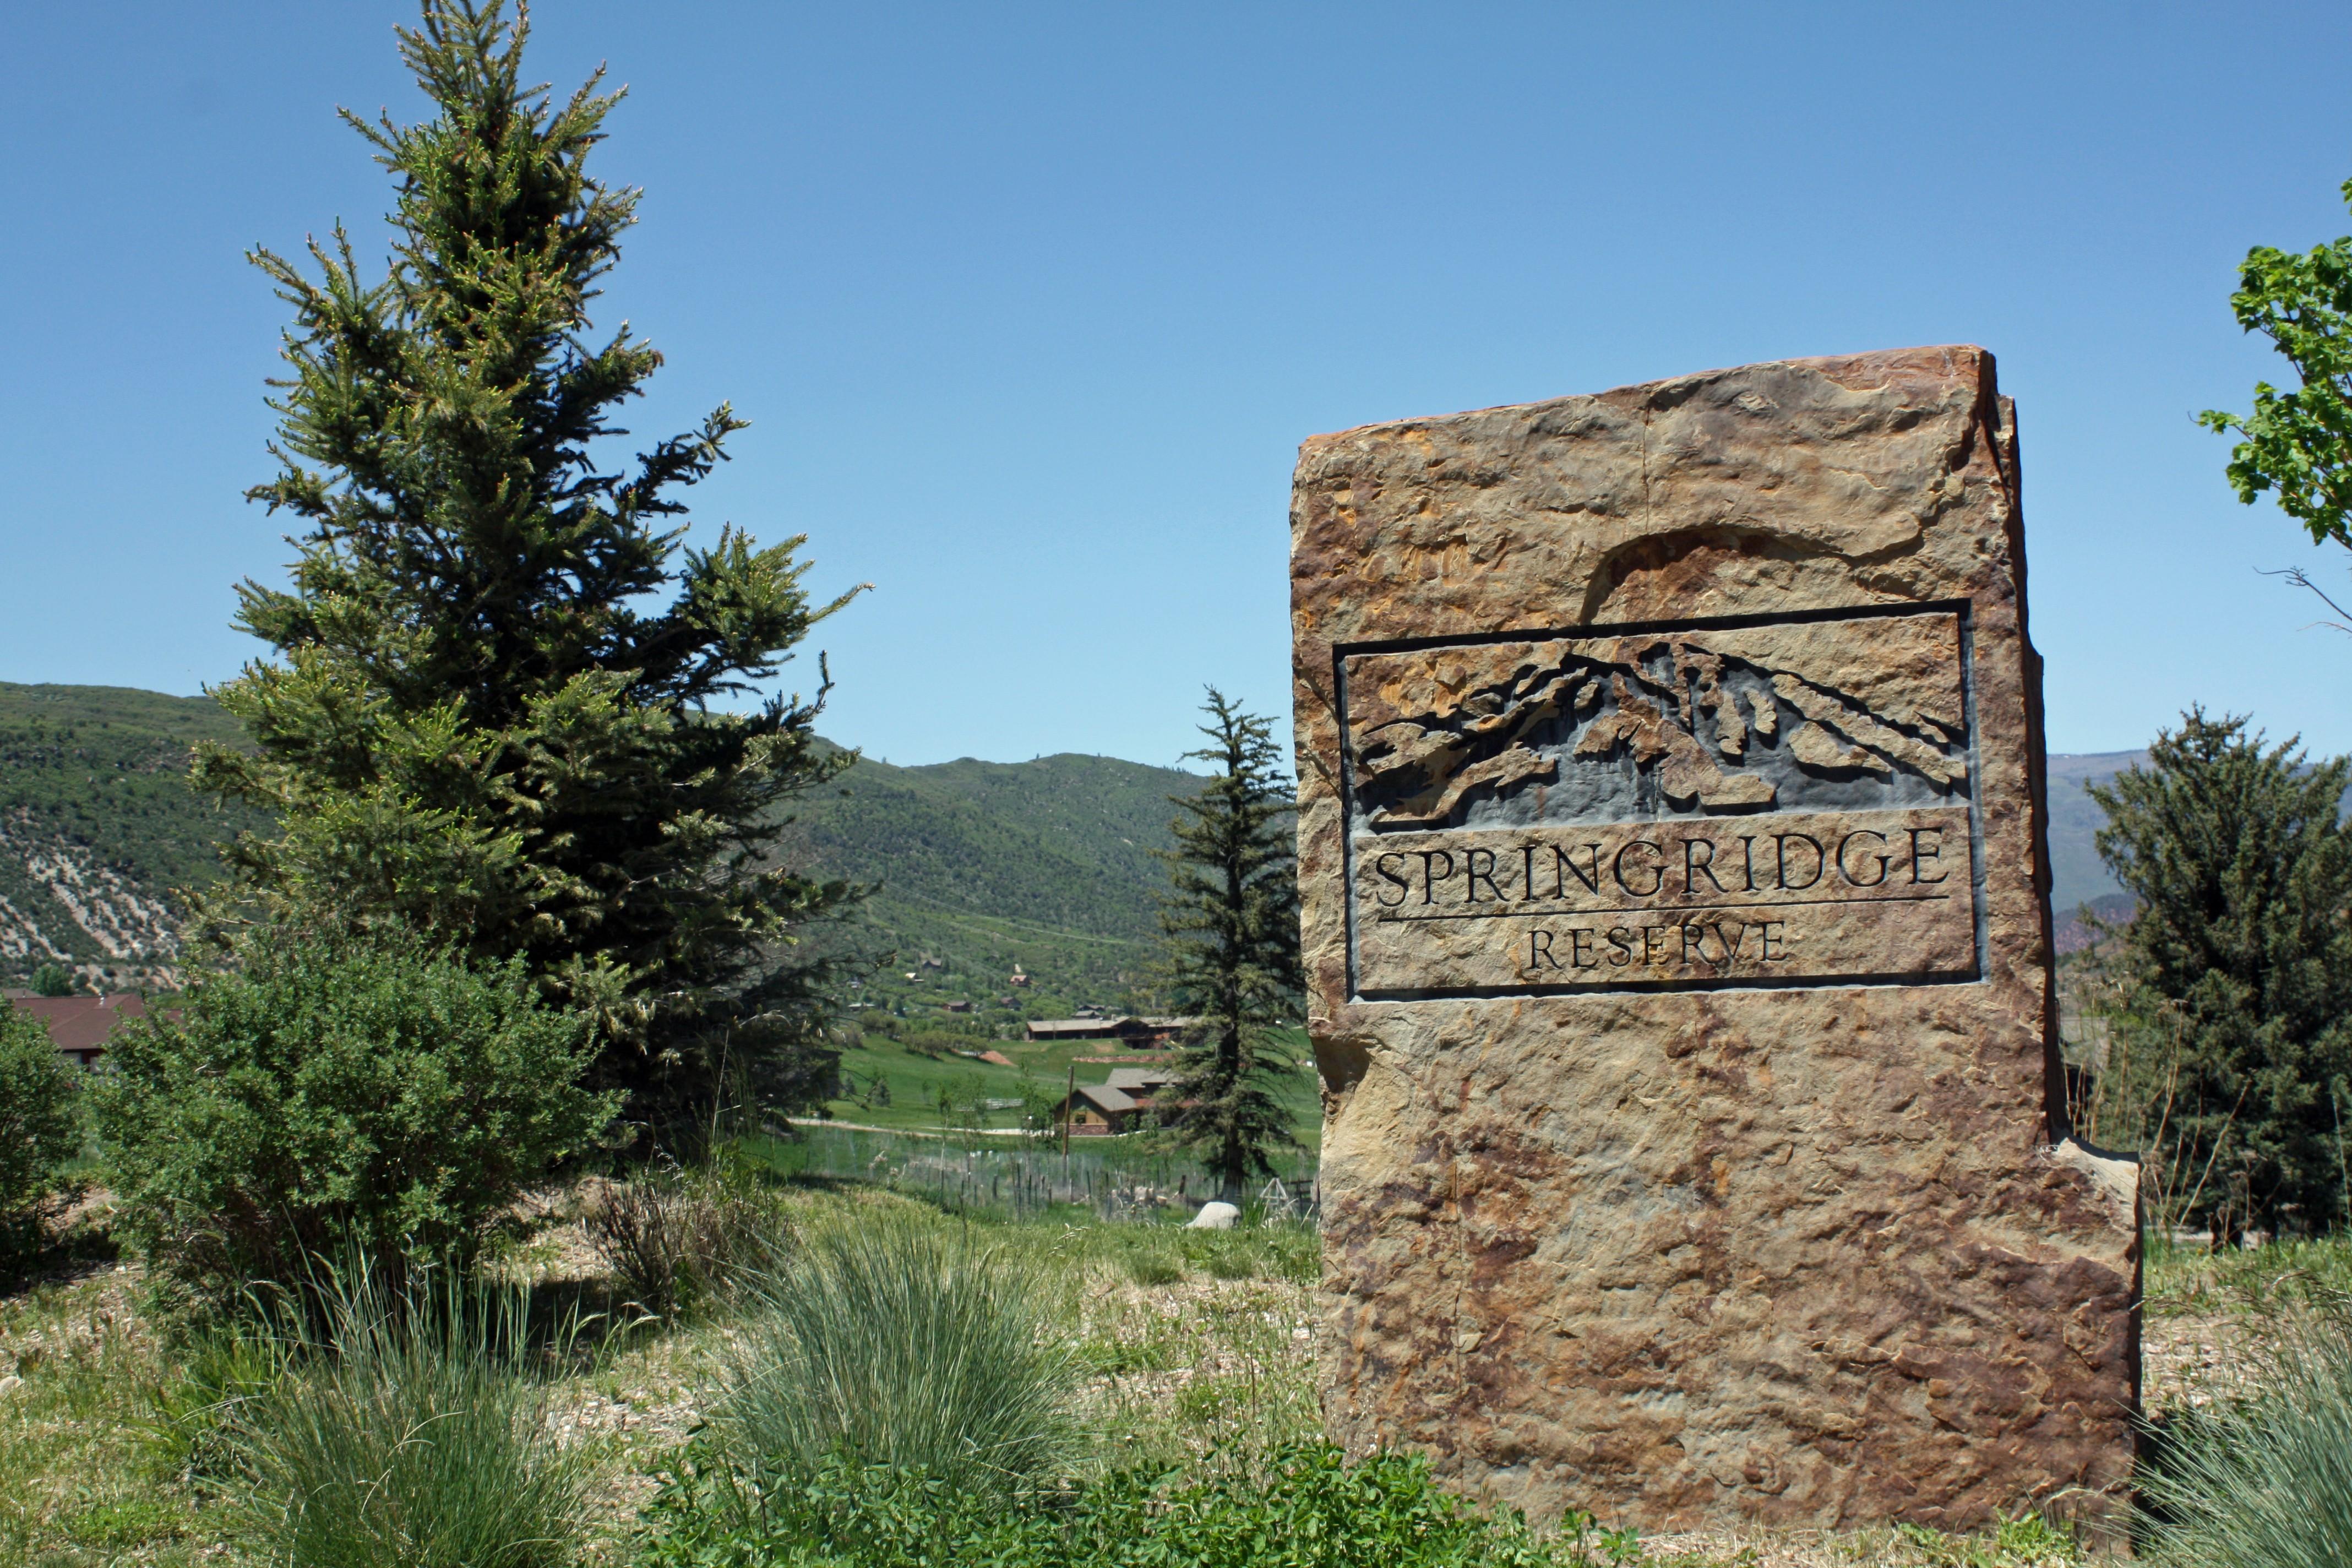 Land for Sale at Lot 43 Springridge Reserve Lot 43 Hidden Valley Glenwood Springs, Colorado, 81601 United States